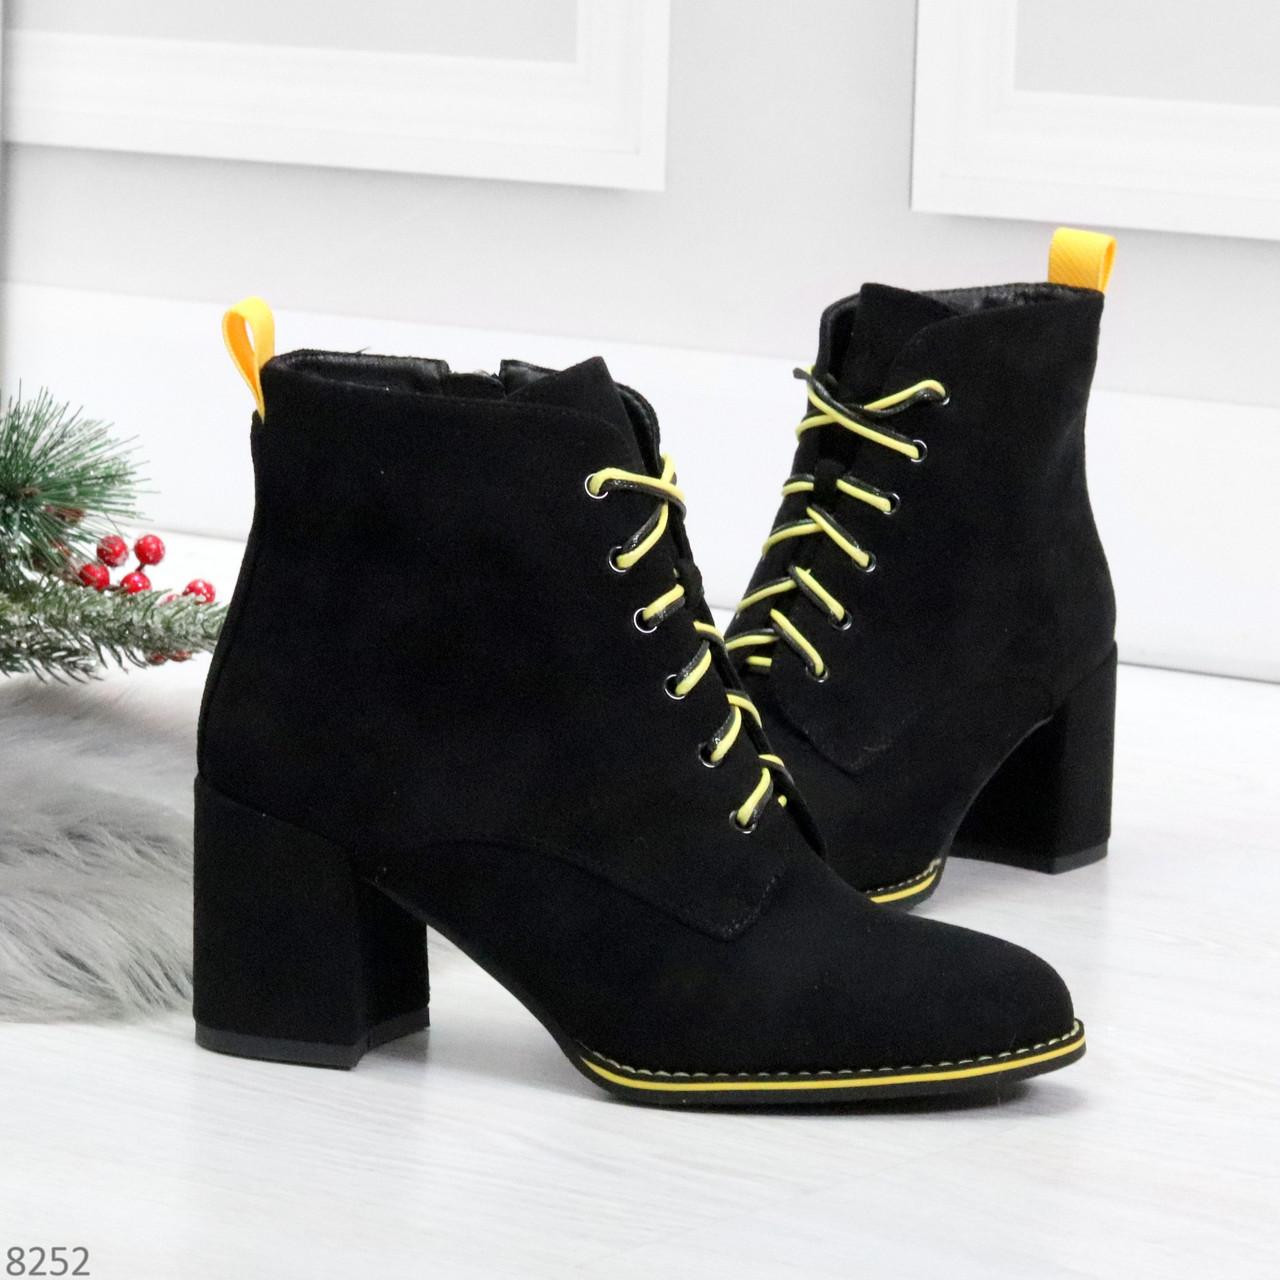 Эффектные черные женские замшевые ботинки ботильоны на желтой шнуровке